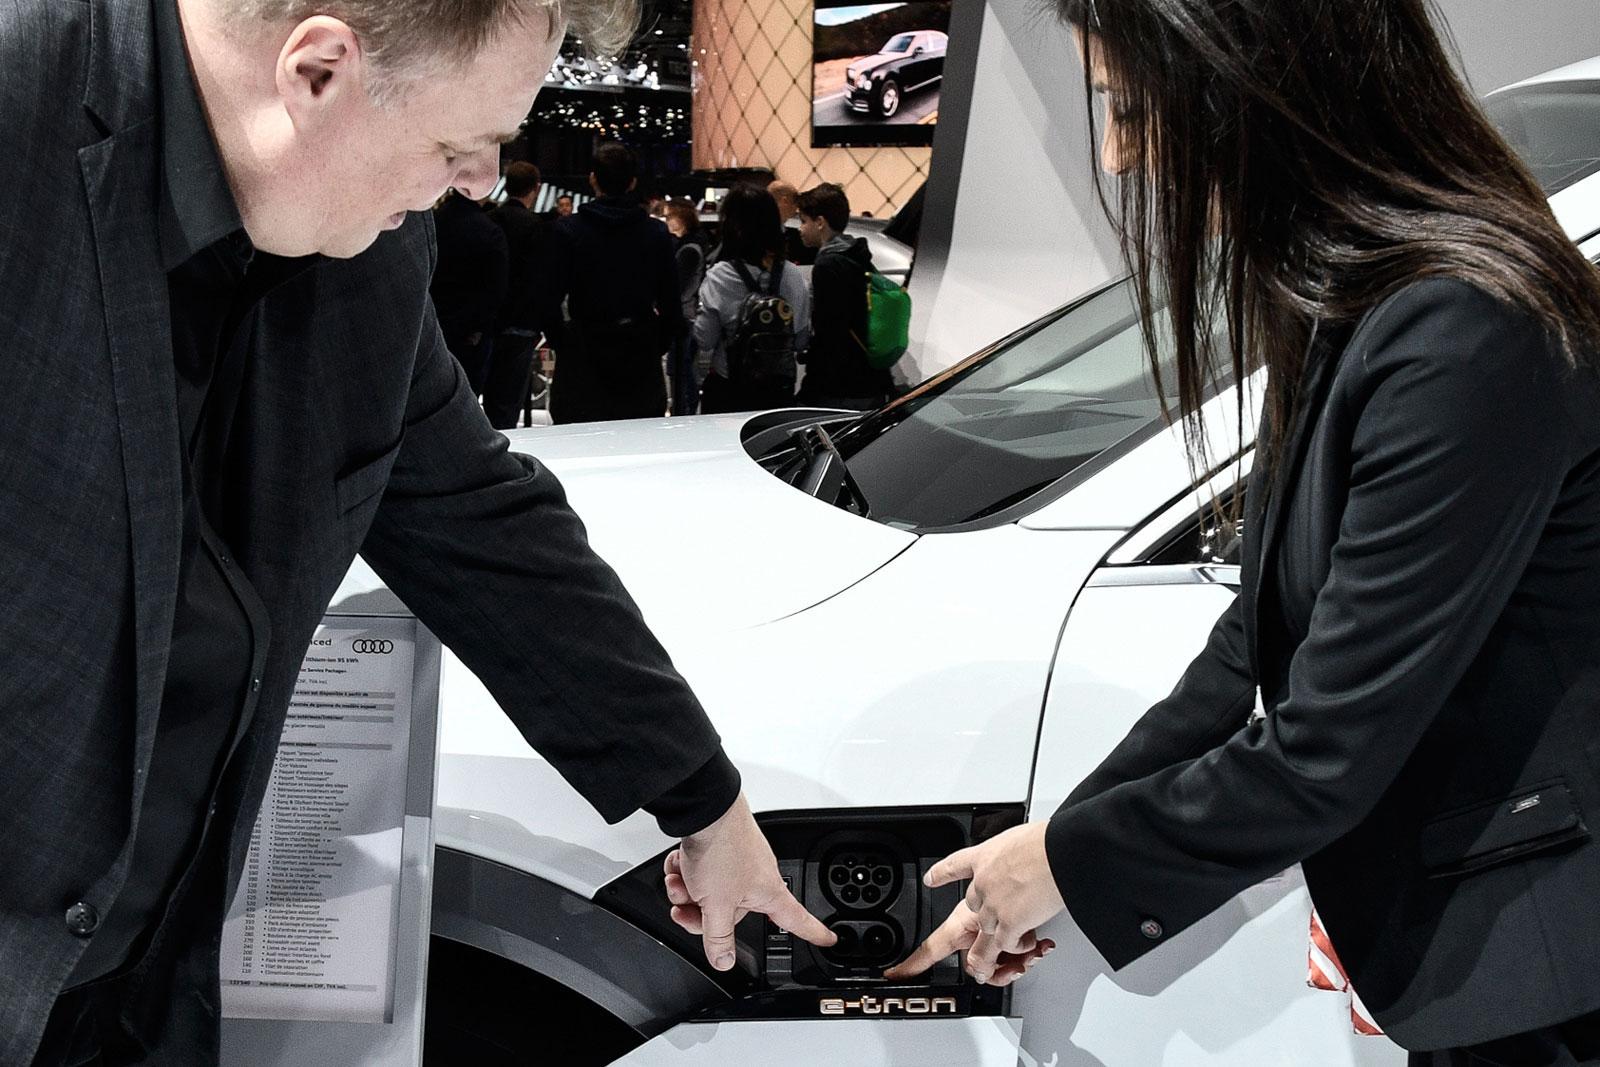 «Elektrofahrzeuge werden sich in den Städten und den Ballungszentren durchsetzen»: Lars Thomsen inspiziert den Lade-Anschluss eines Audi e-tron.